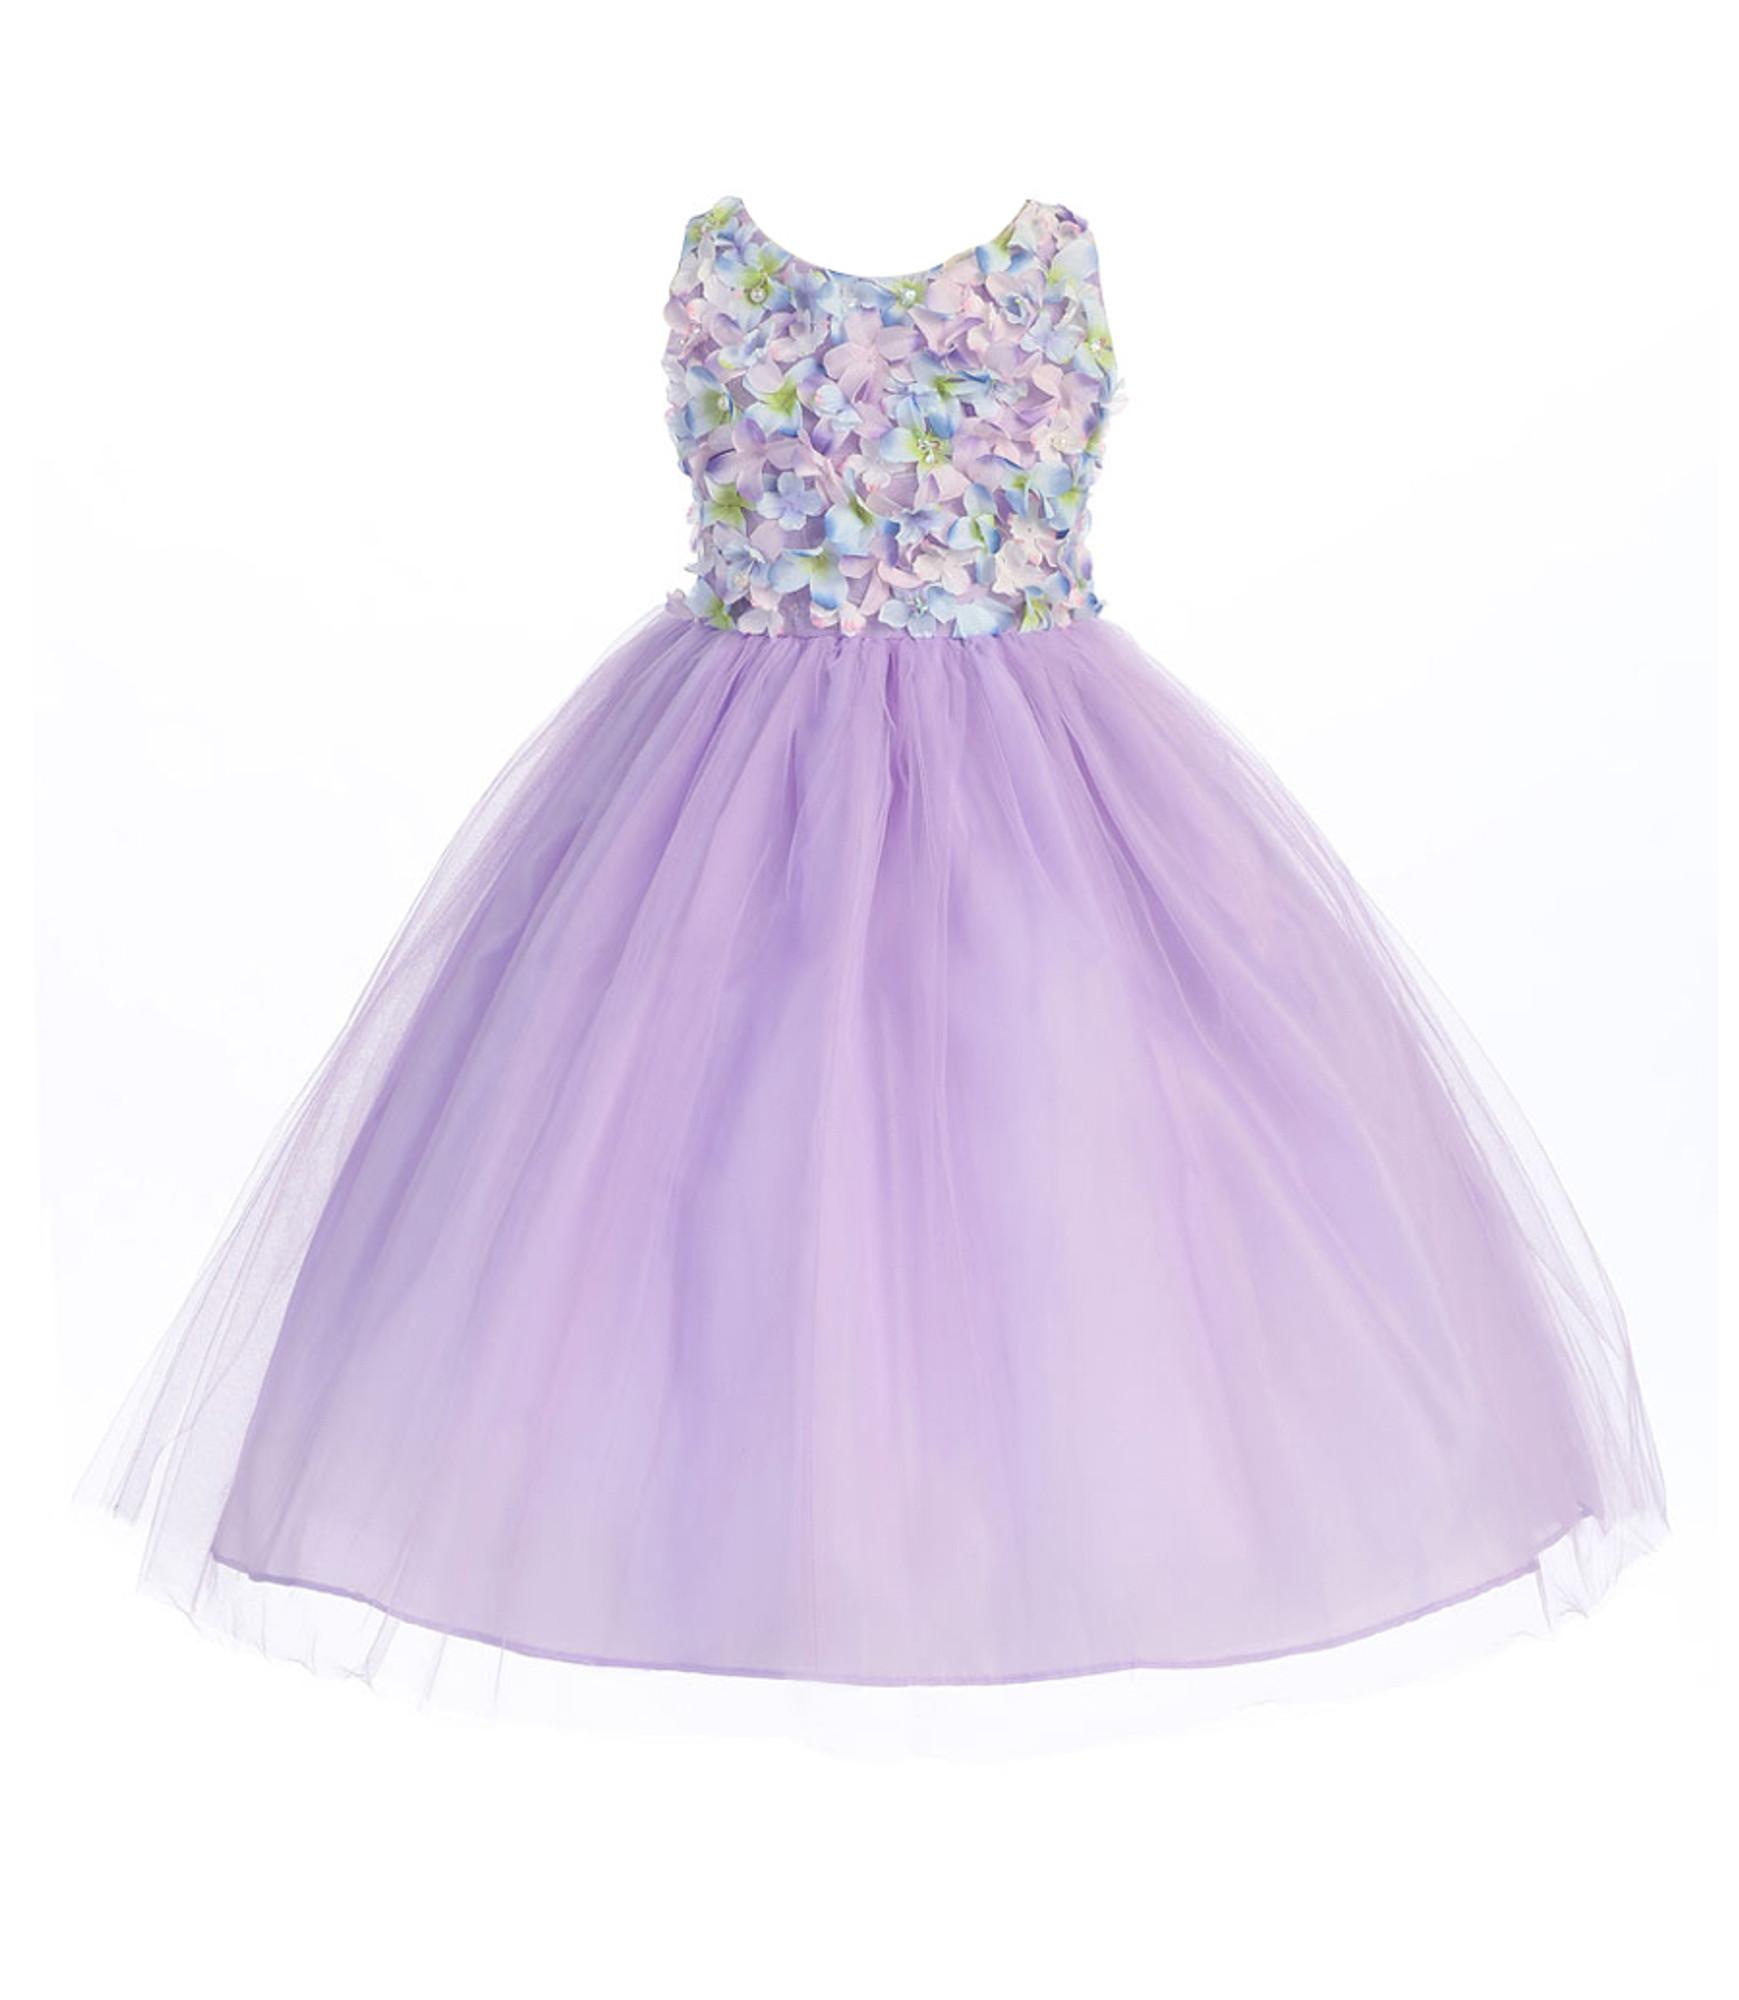 BIMARO Mädchen Kleid Rosalie flieder lila Blüten Perlen Tüll ...